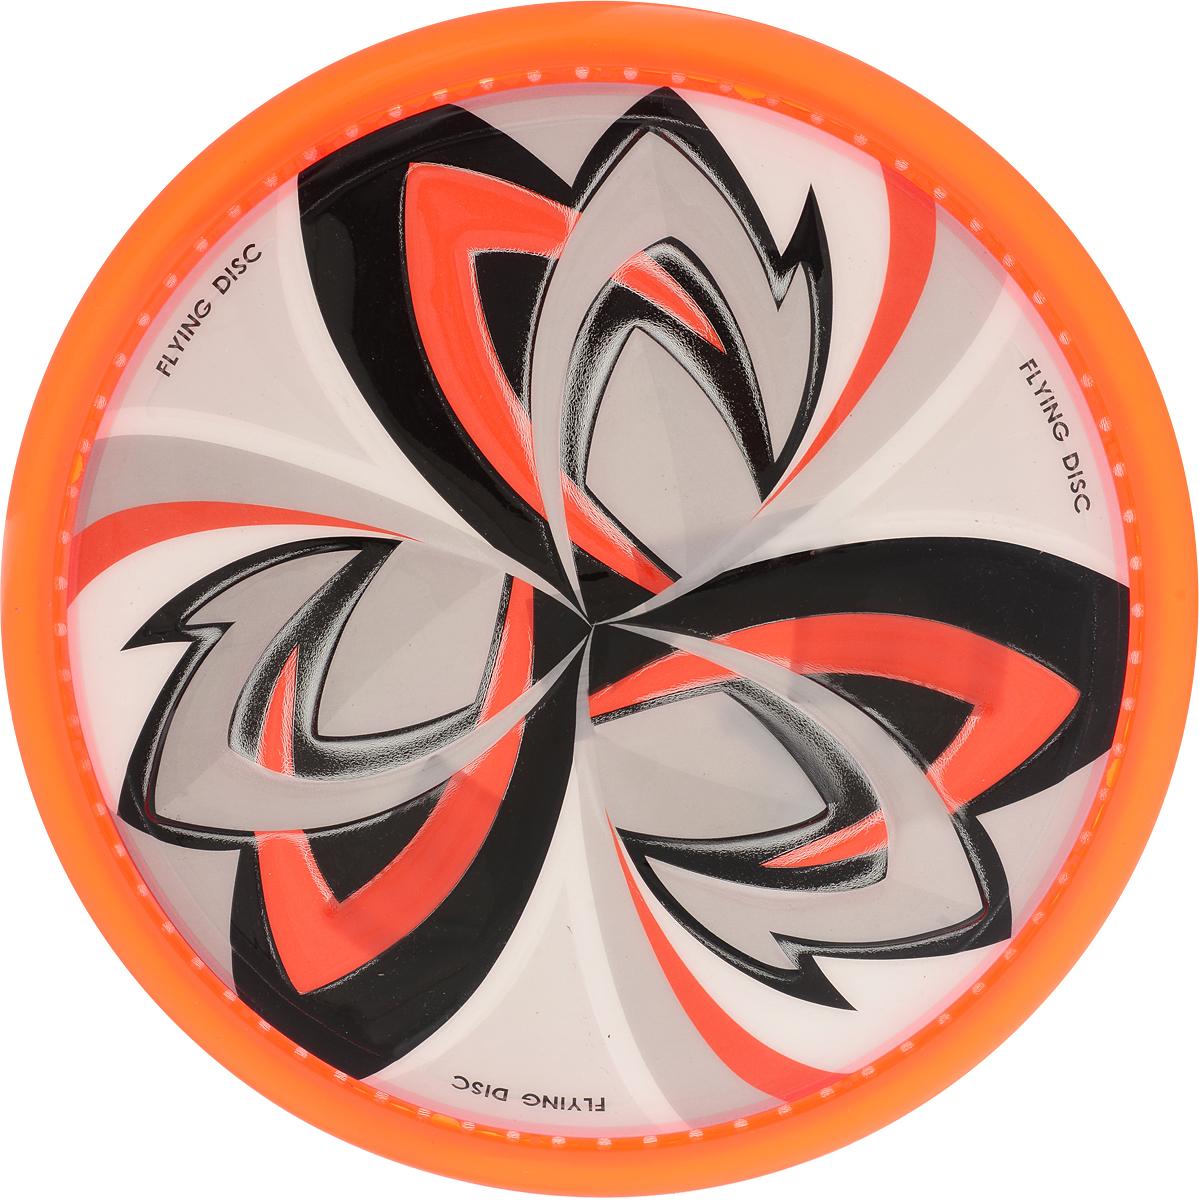 """Летающая тарелка """"YG Sport"""" предназначена для игры на свежем воздухе. Она поможет вам весело и с пользой для здоровья провести время.Летающая тарелка способна поднять настроение всем! Каждый ребенок будет рад такому яркому и спортивному подарку.Тарелка представляет собой легкий диск голубого цвета."""